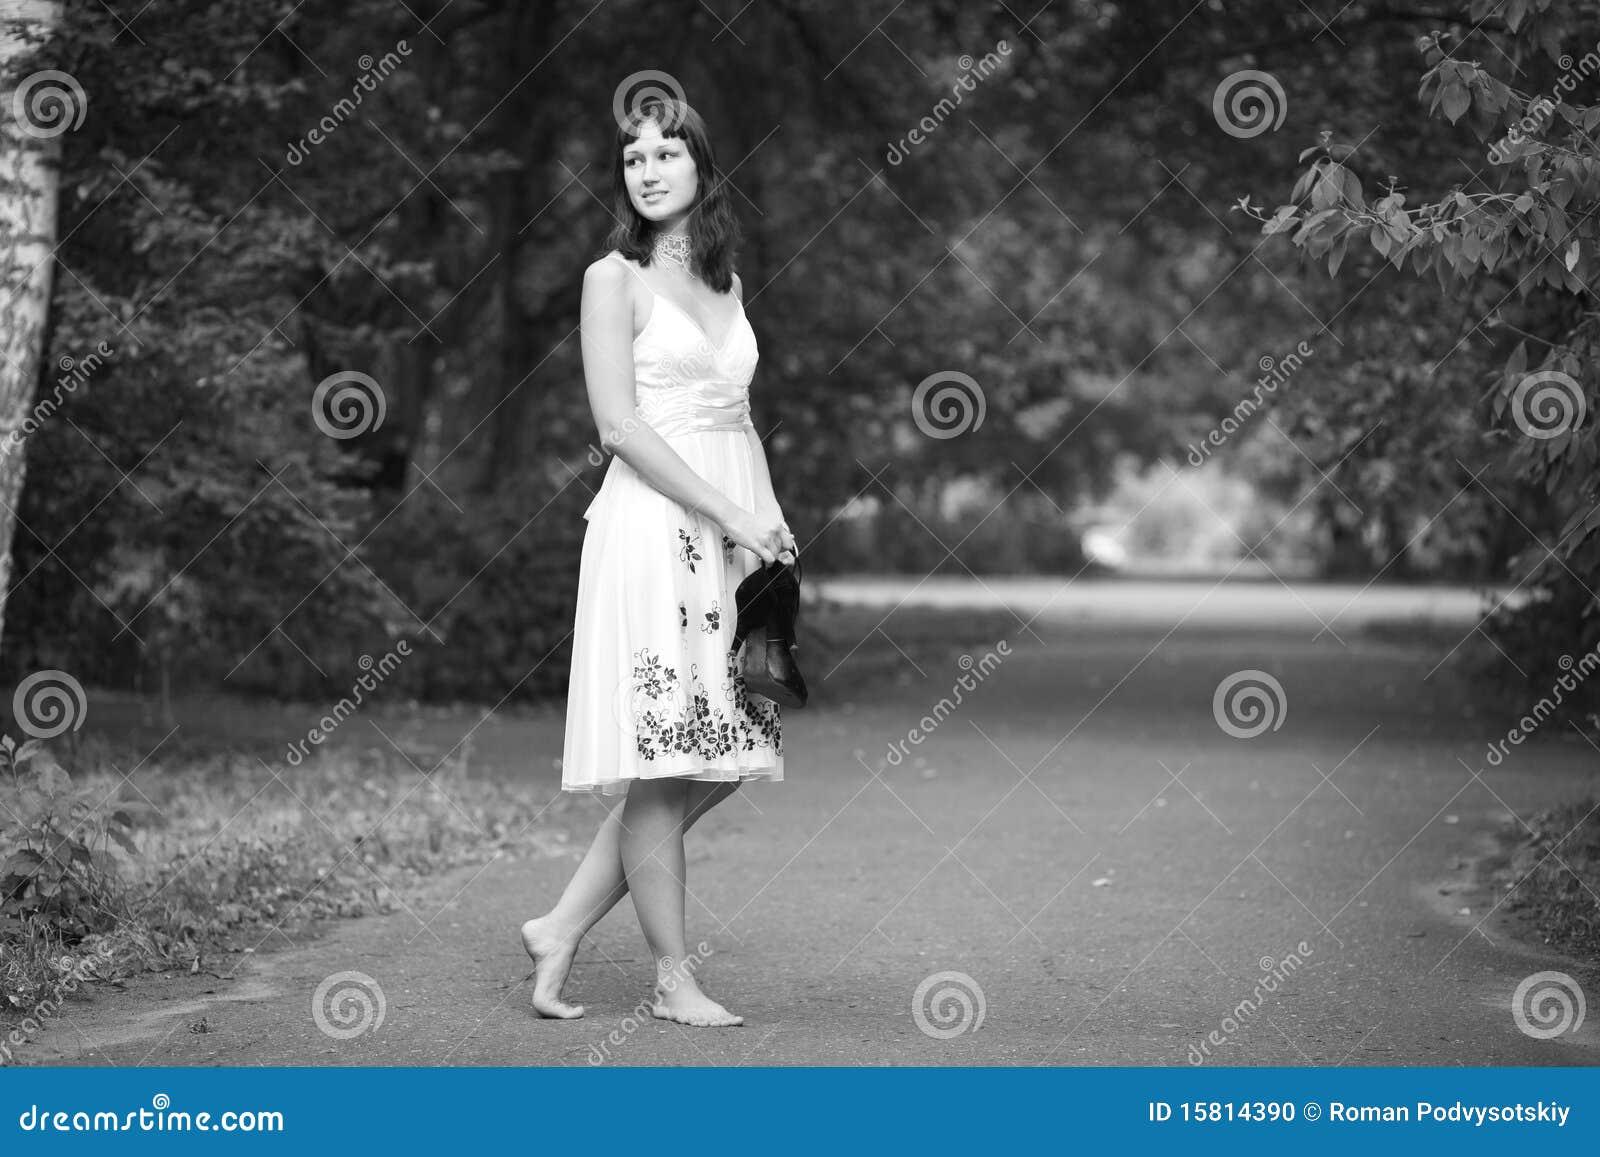 Русские босые девушки 15 фотография